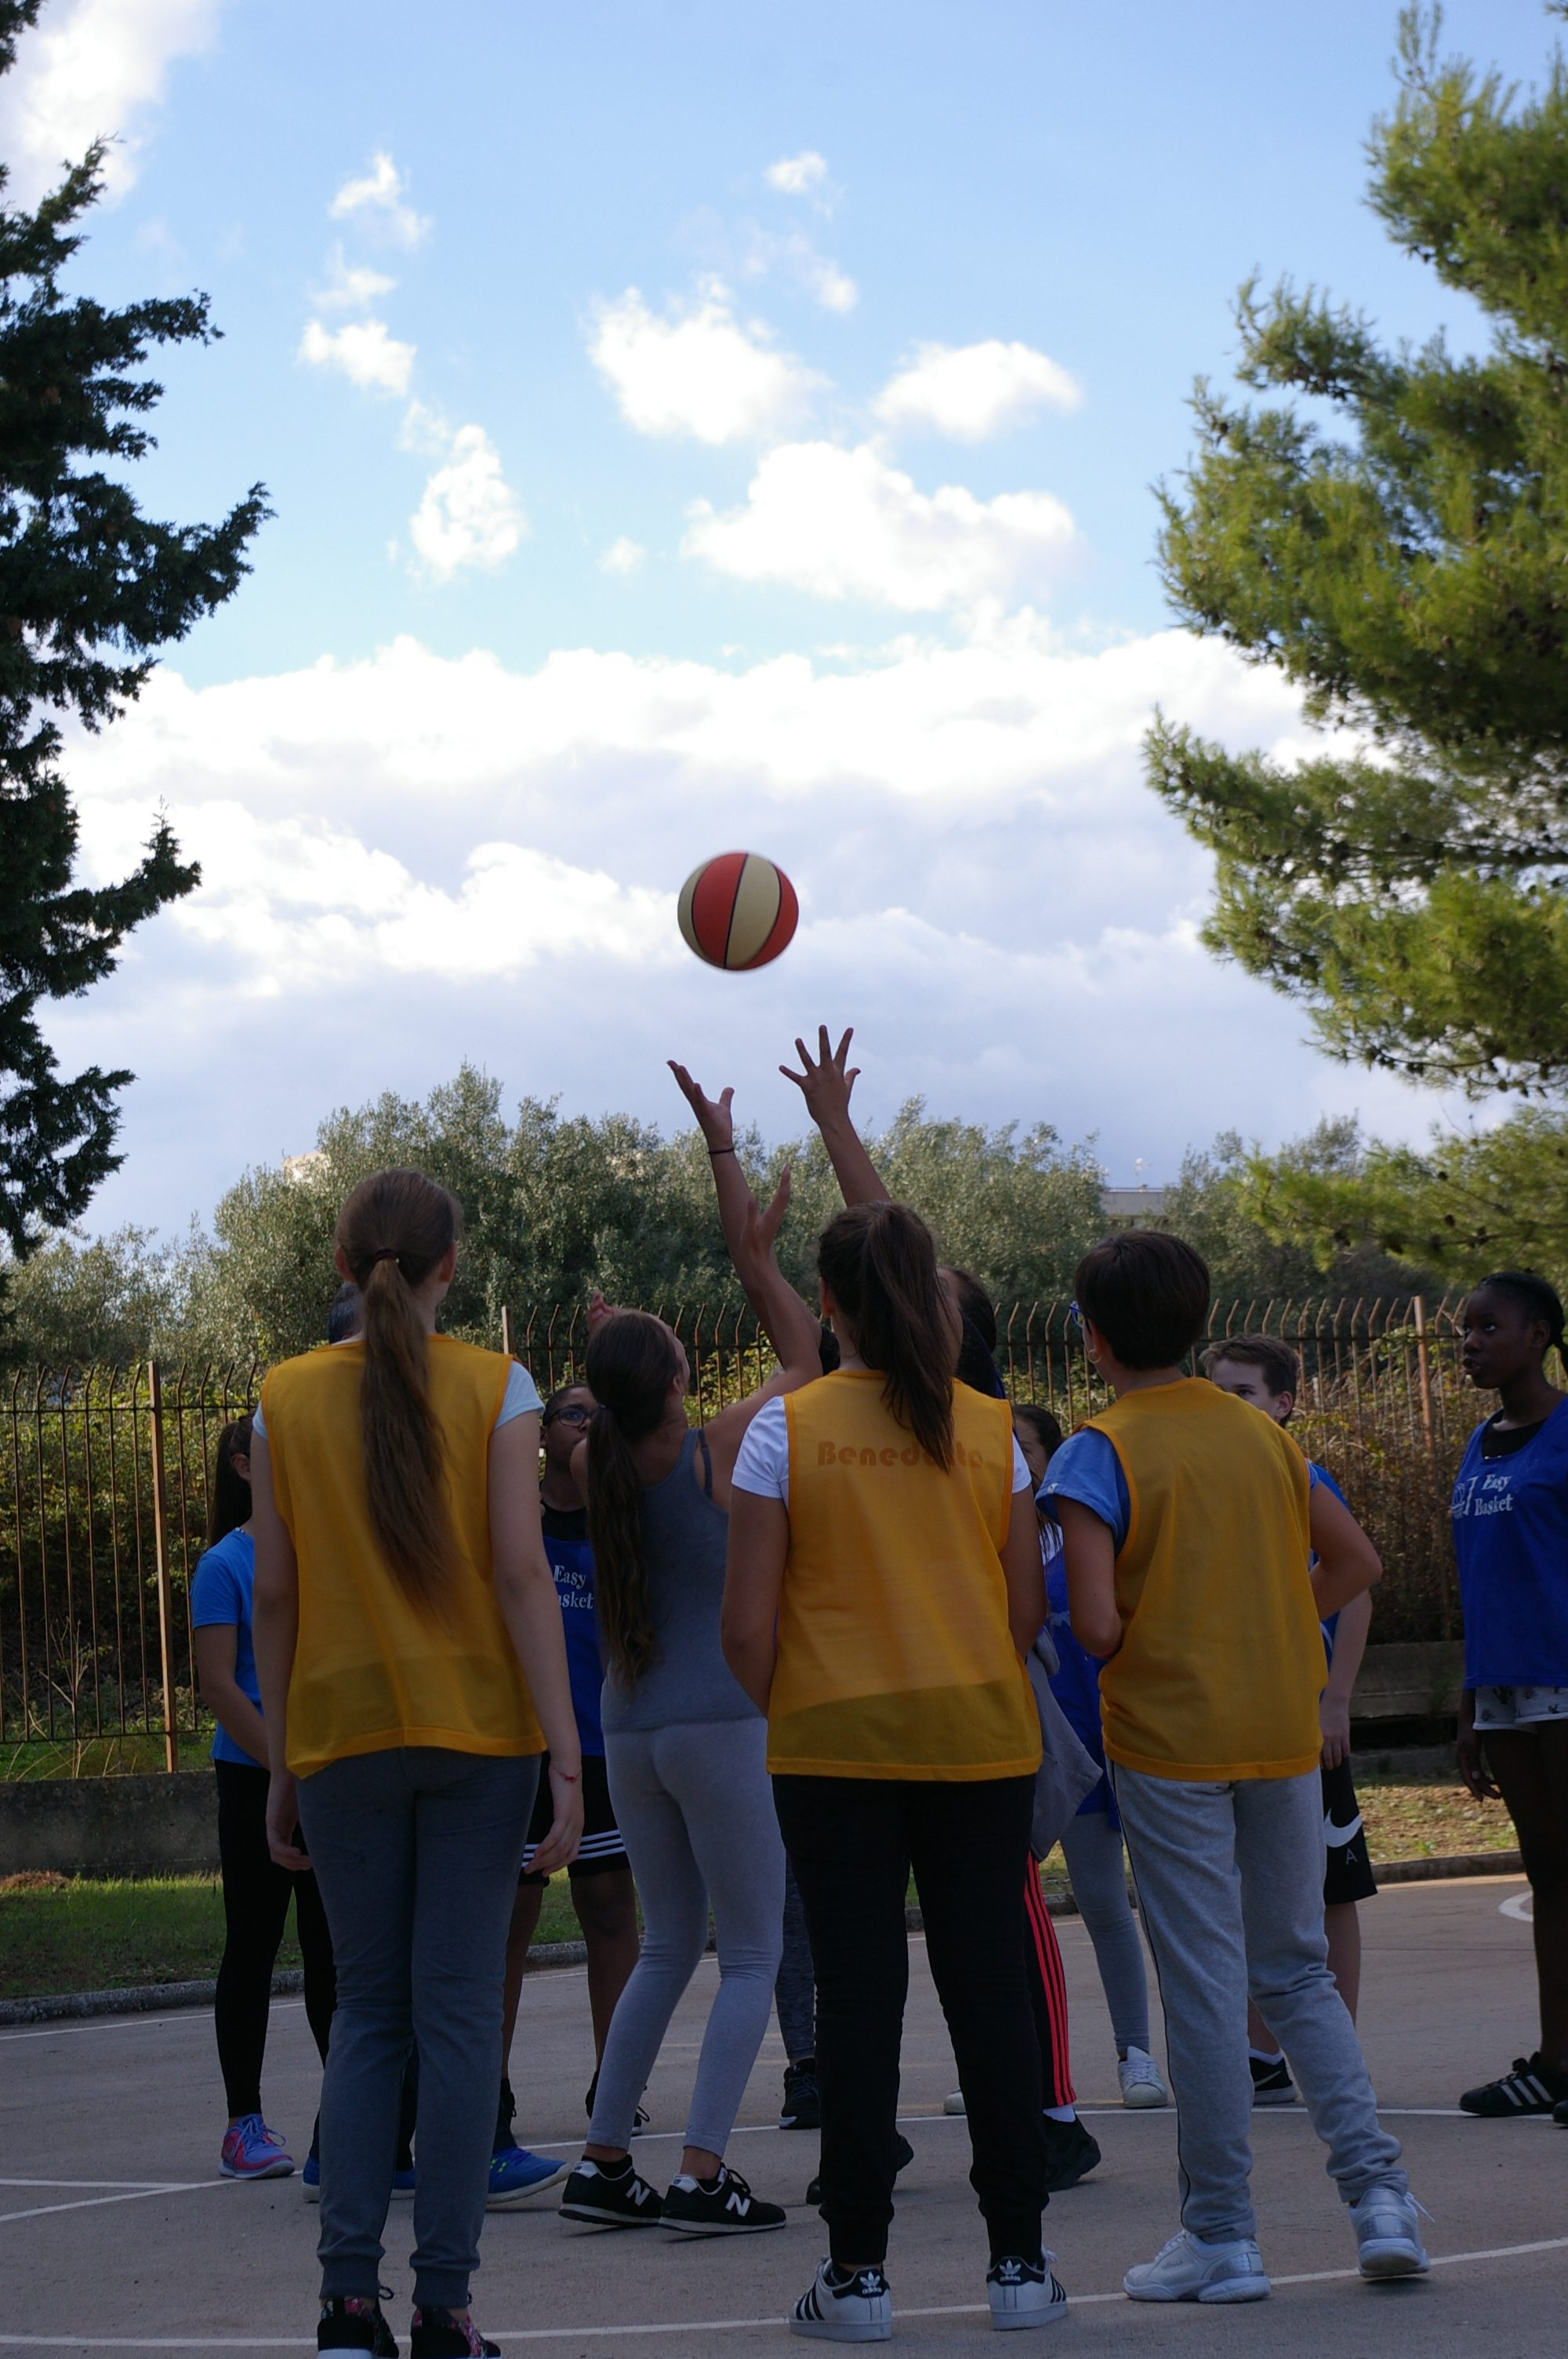 Les collégiens vaudais en Erasmus : un accueil sportif et ensoleillé